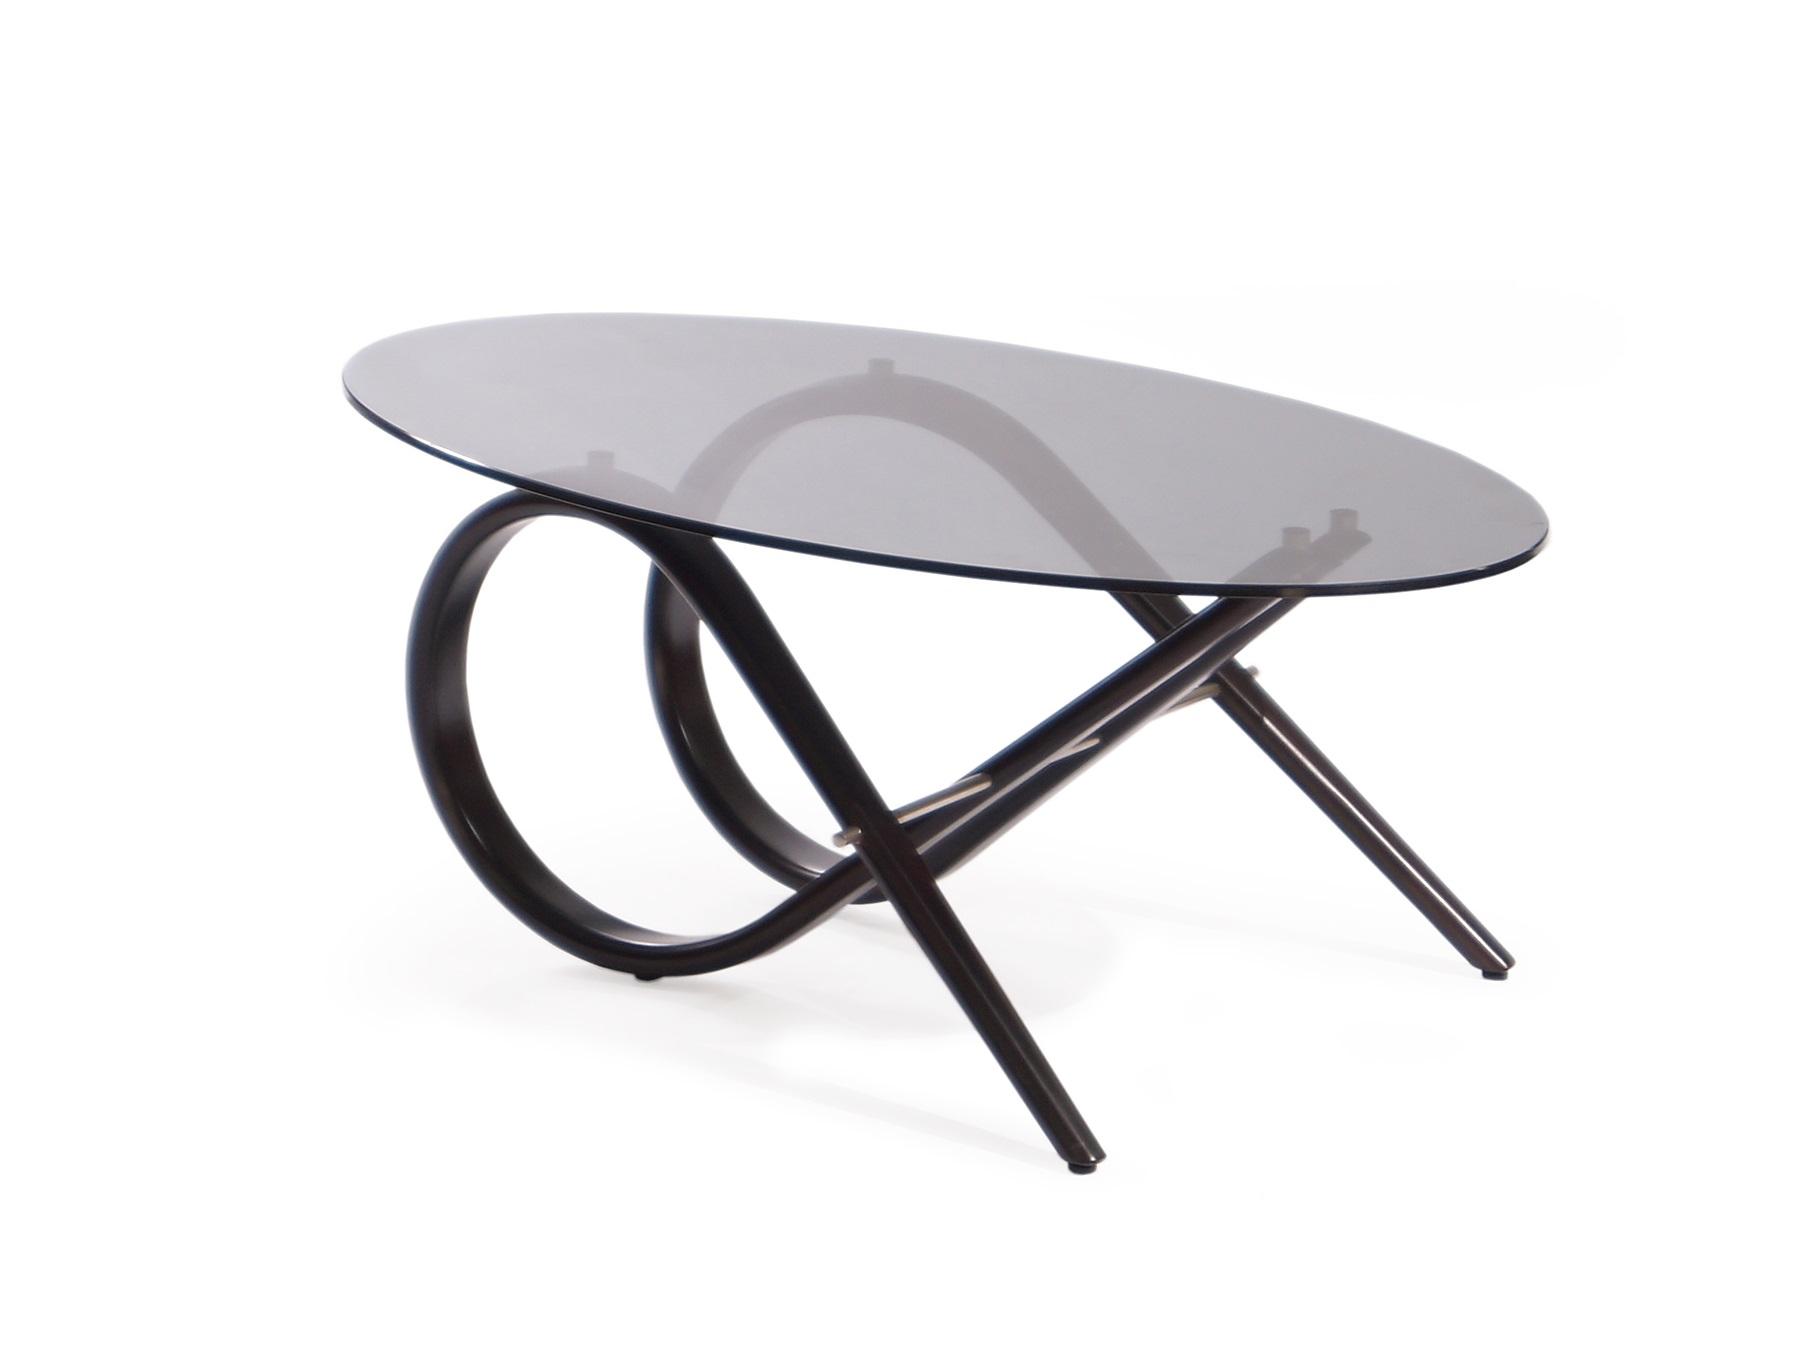 Стол журнальный Apriori NЖурнальные столики<br>&amp;lt;div&amp;gt;Дизайнерский стеклянный журнальный стол.&amp;amp;nbsp;&amp;lt;/div&amp;gt;&amp;lt;div&amp;gt;&amp;lt;br&amp;gt;&amp;lt;/div&amp;gt;&amp;lt;div&amp;gt;Материал: натуральное дерево береза (9т венге).&amp;lt;/div&amp;gt;<br><br>Material: Береза<br>Ширина см: 100<br>Высота см: 42<br>Глубина см: 60